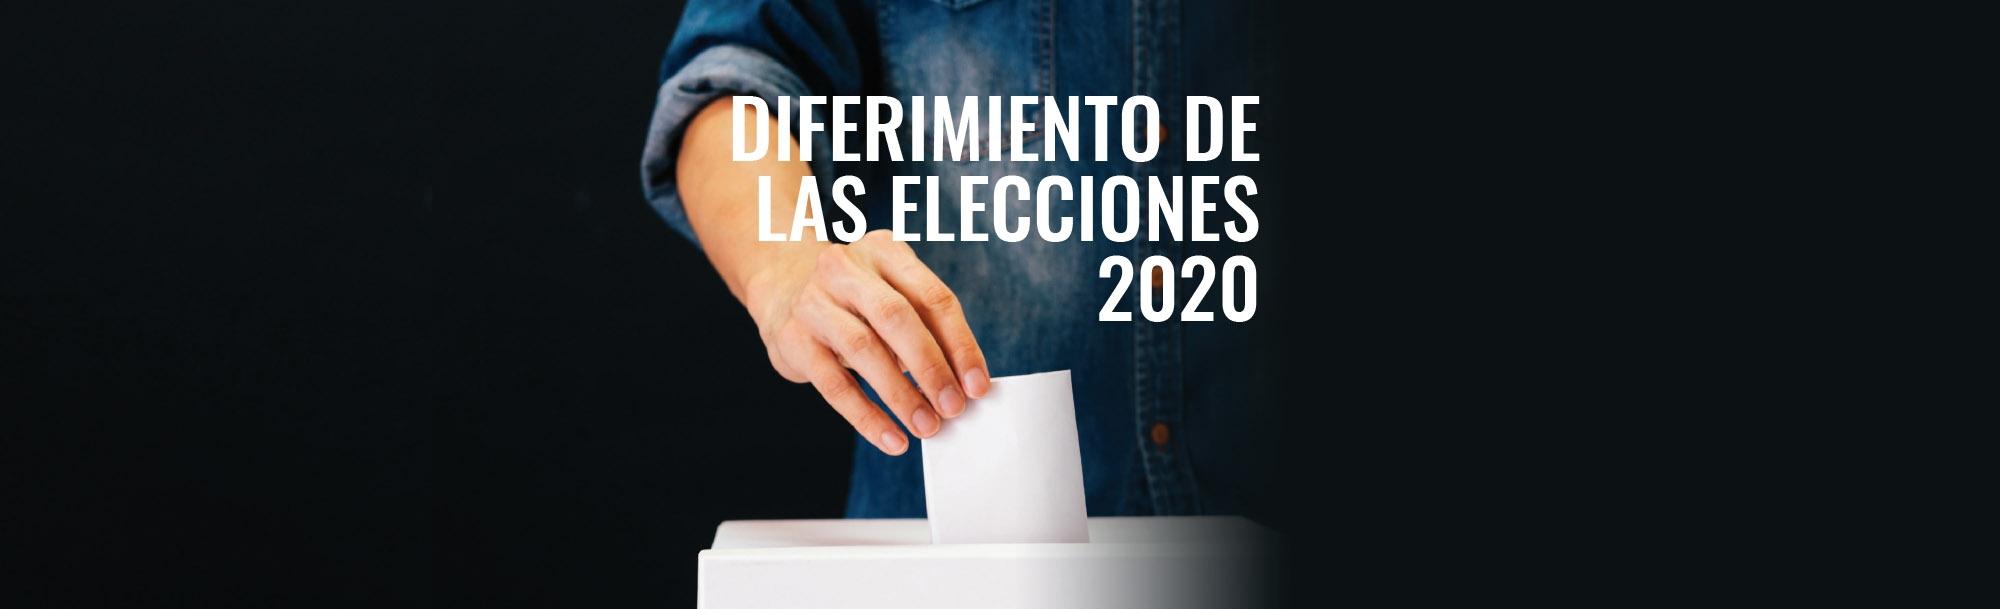 Diferimiento Elecciones 2020